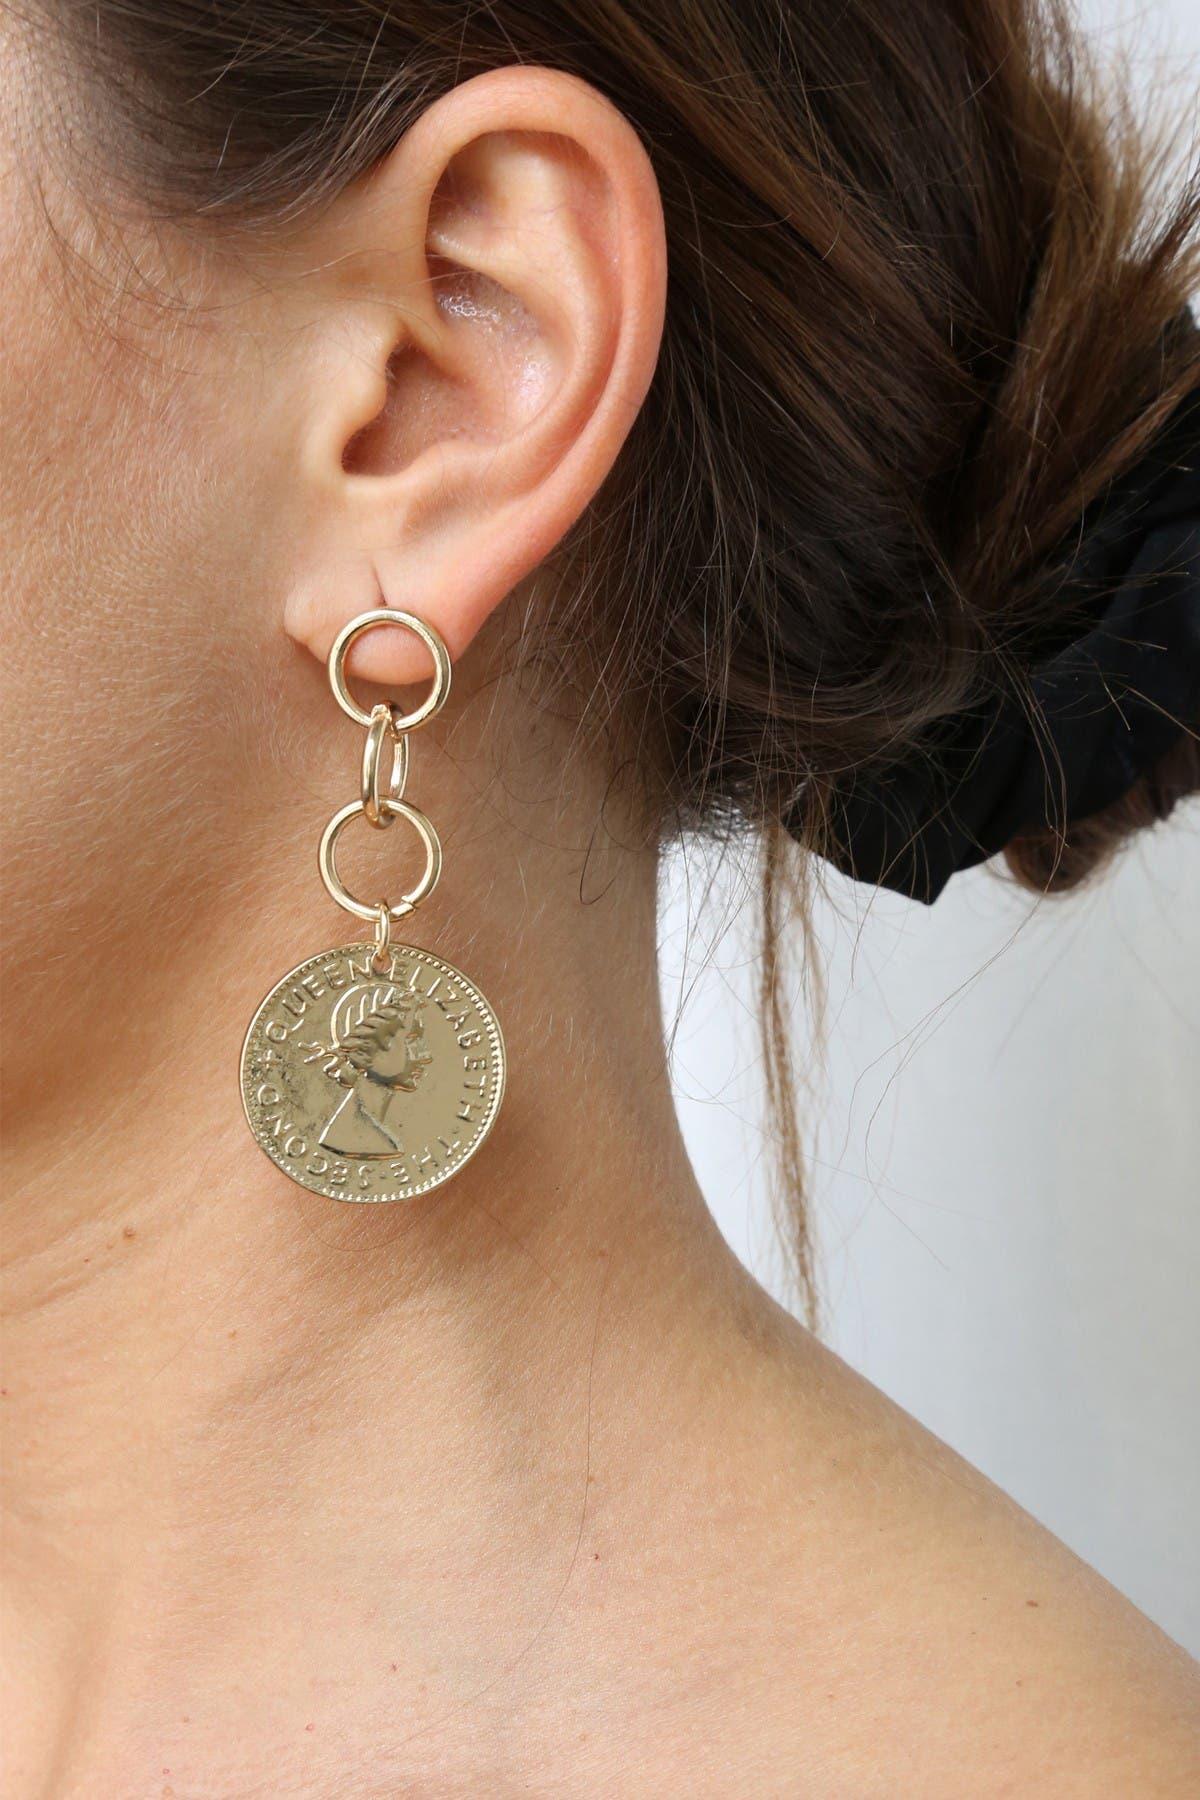 Image of Ettika 18K Gold Plated Coin Stopper Earrings